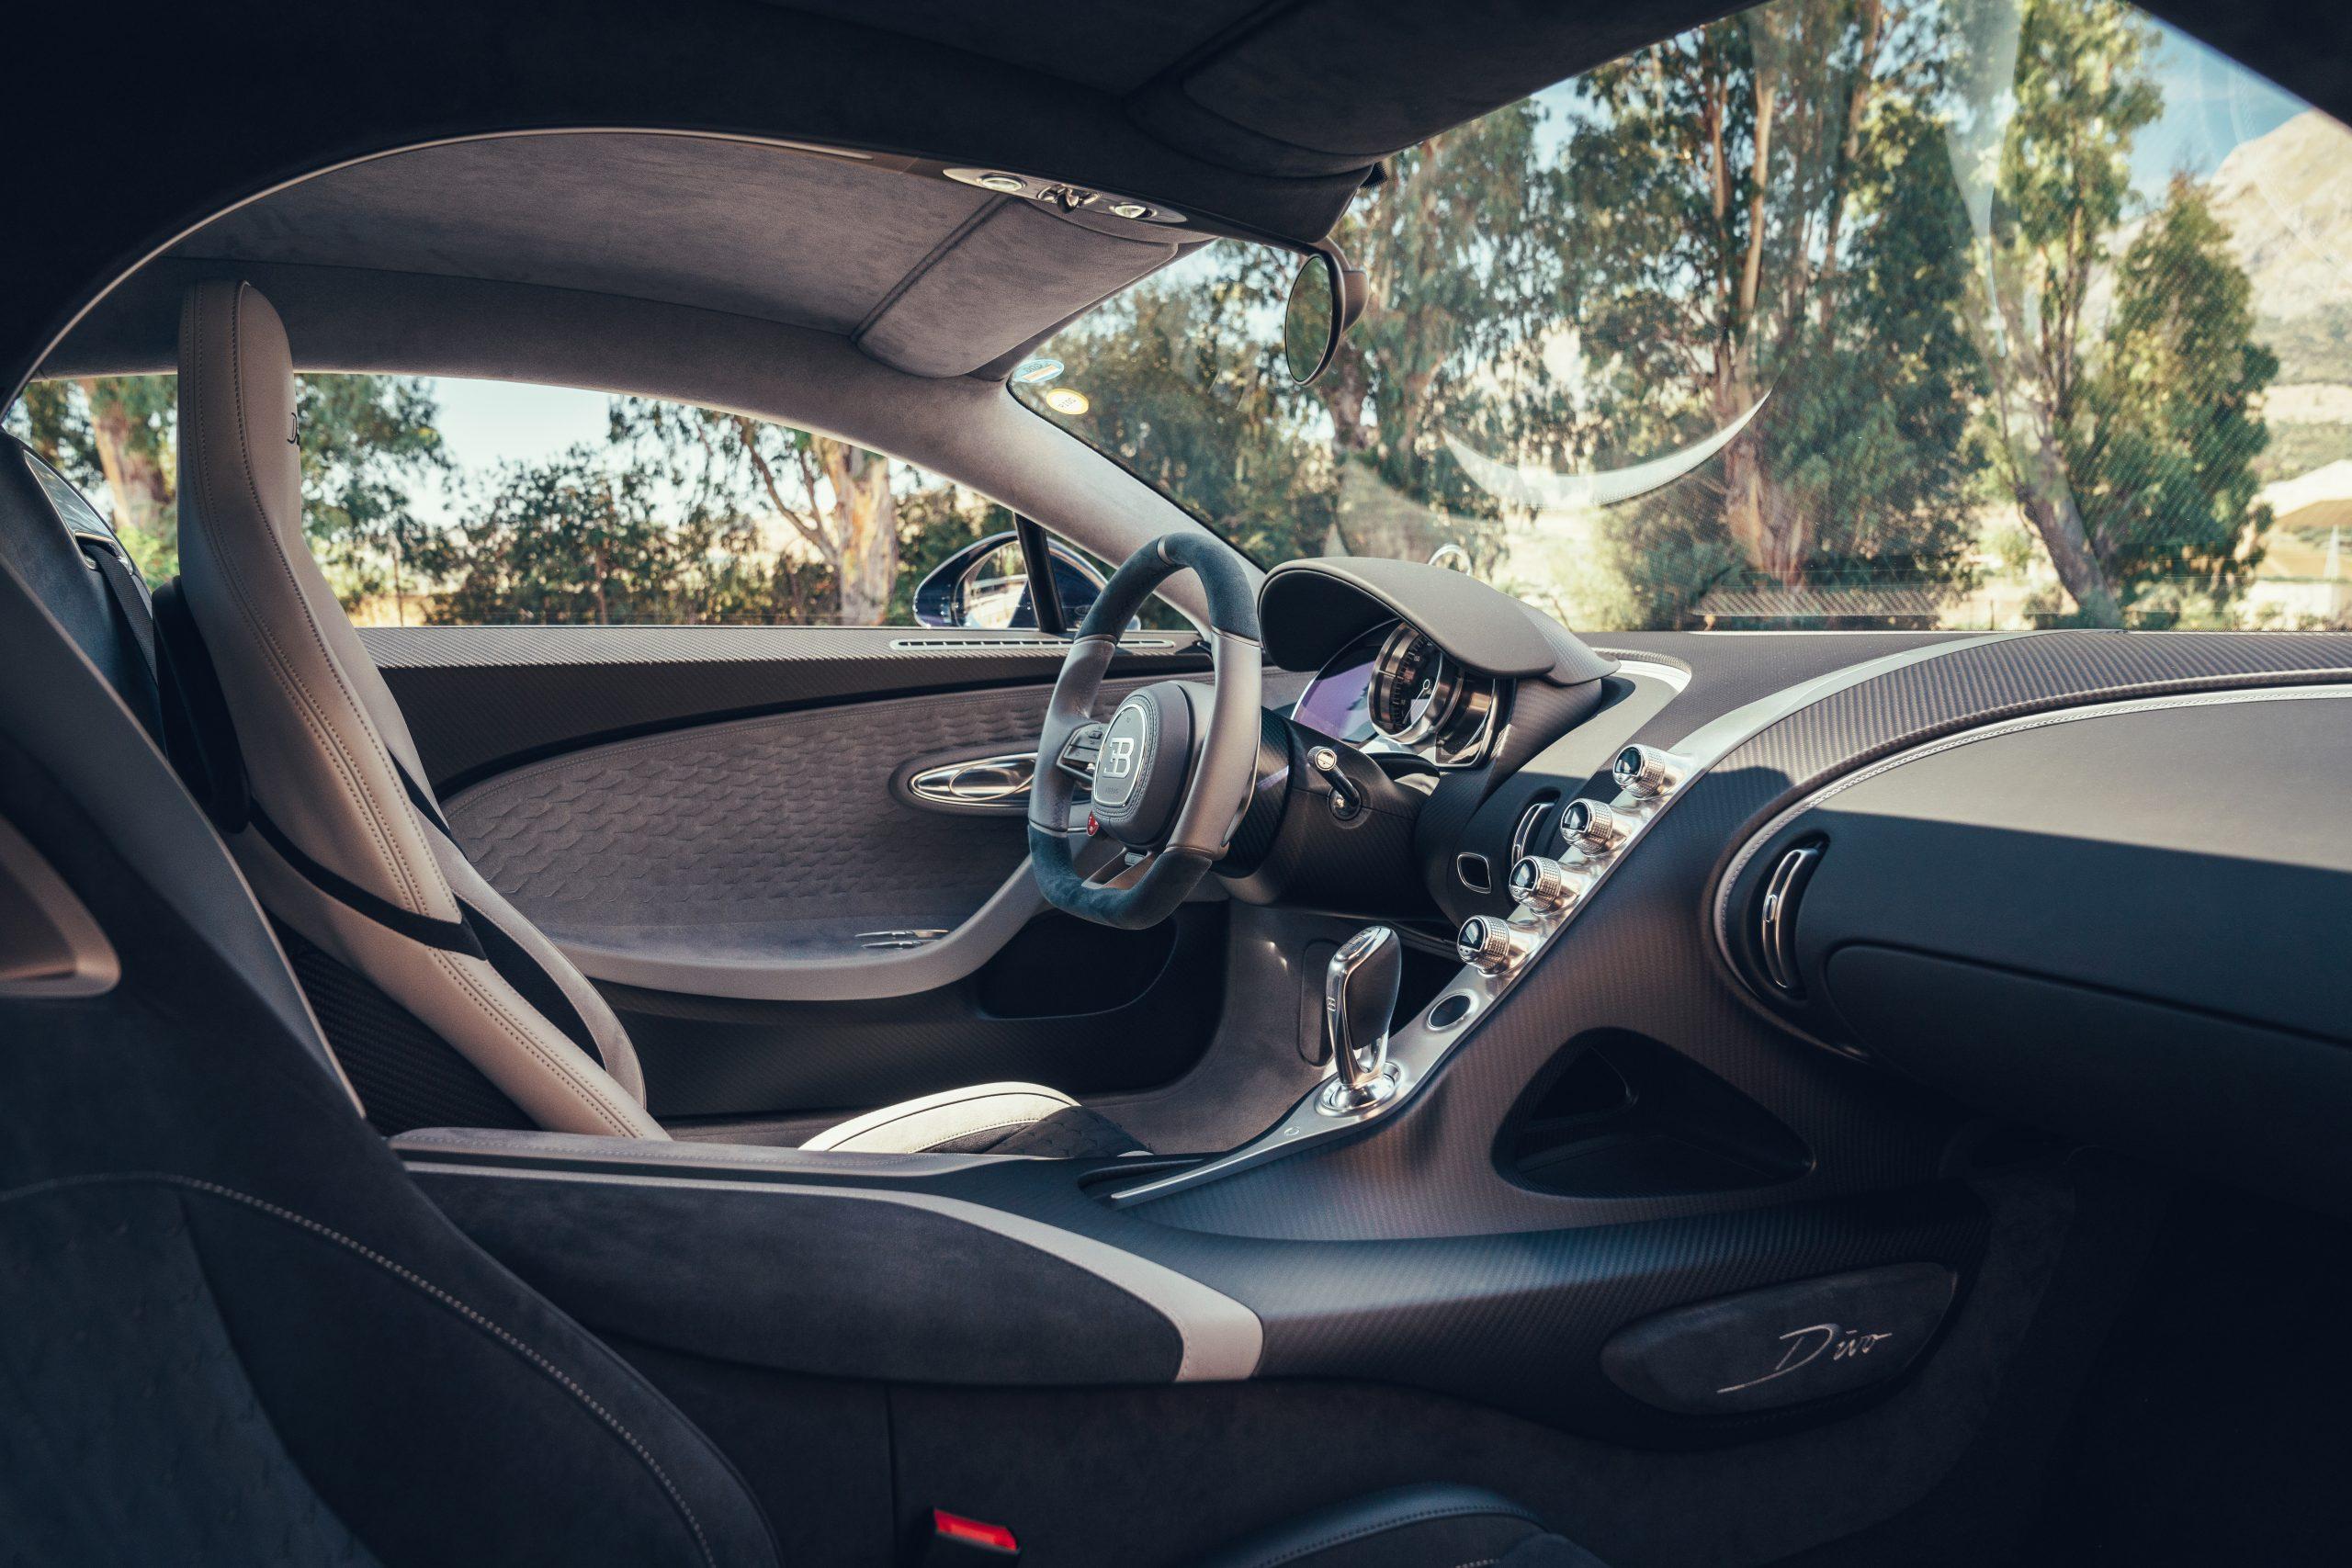 Bugatti Divo cabin interior